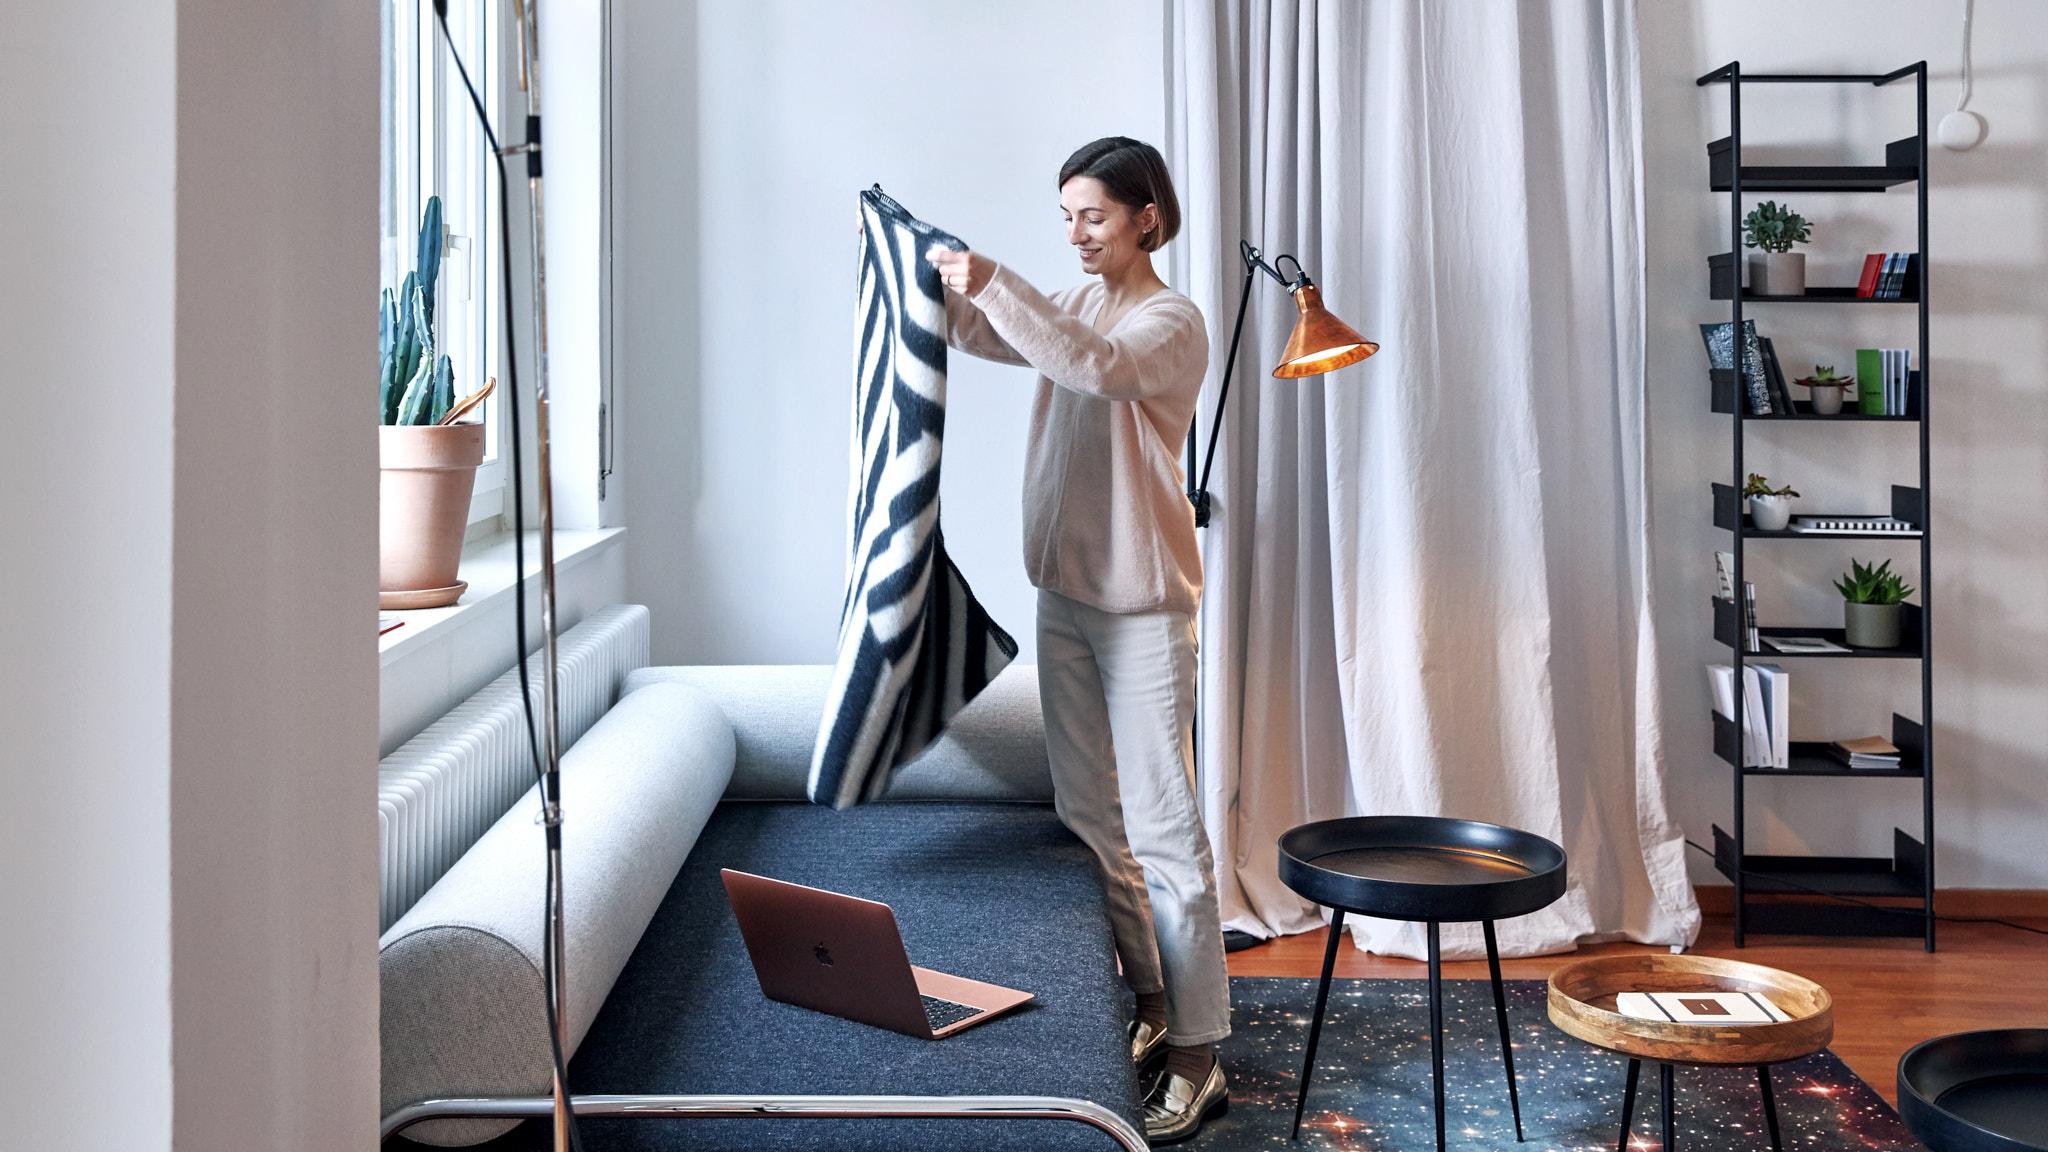 Designermöbel Store und Innenarchitektur Beratung.